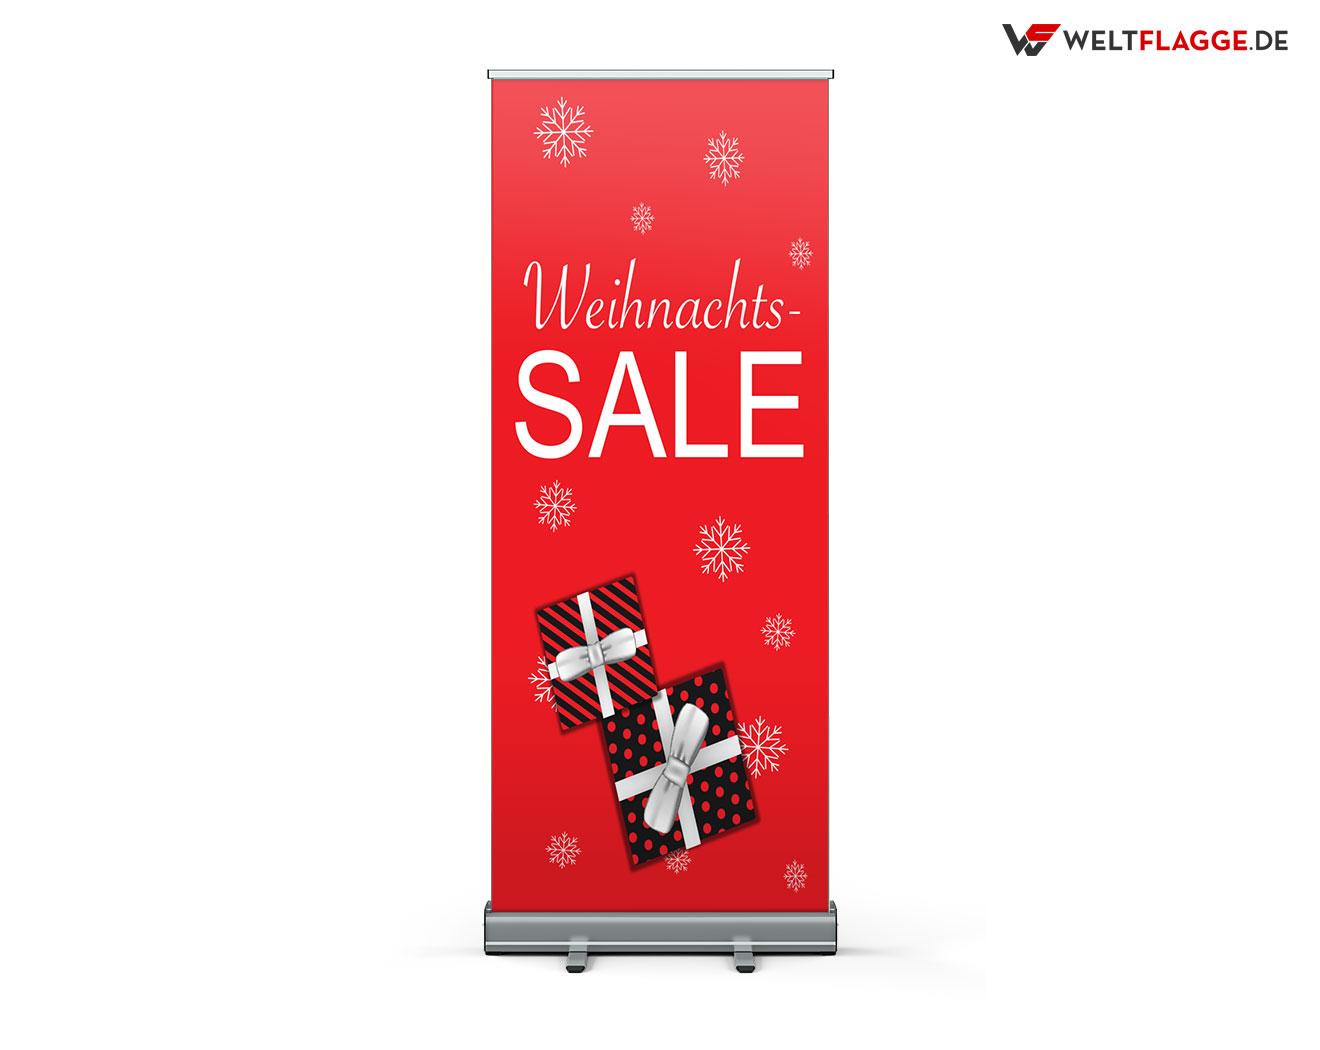 Weihnachts-SALE Roll-Up Banner bedrucken lassen